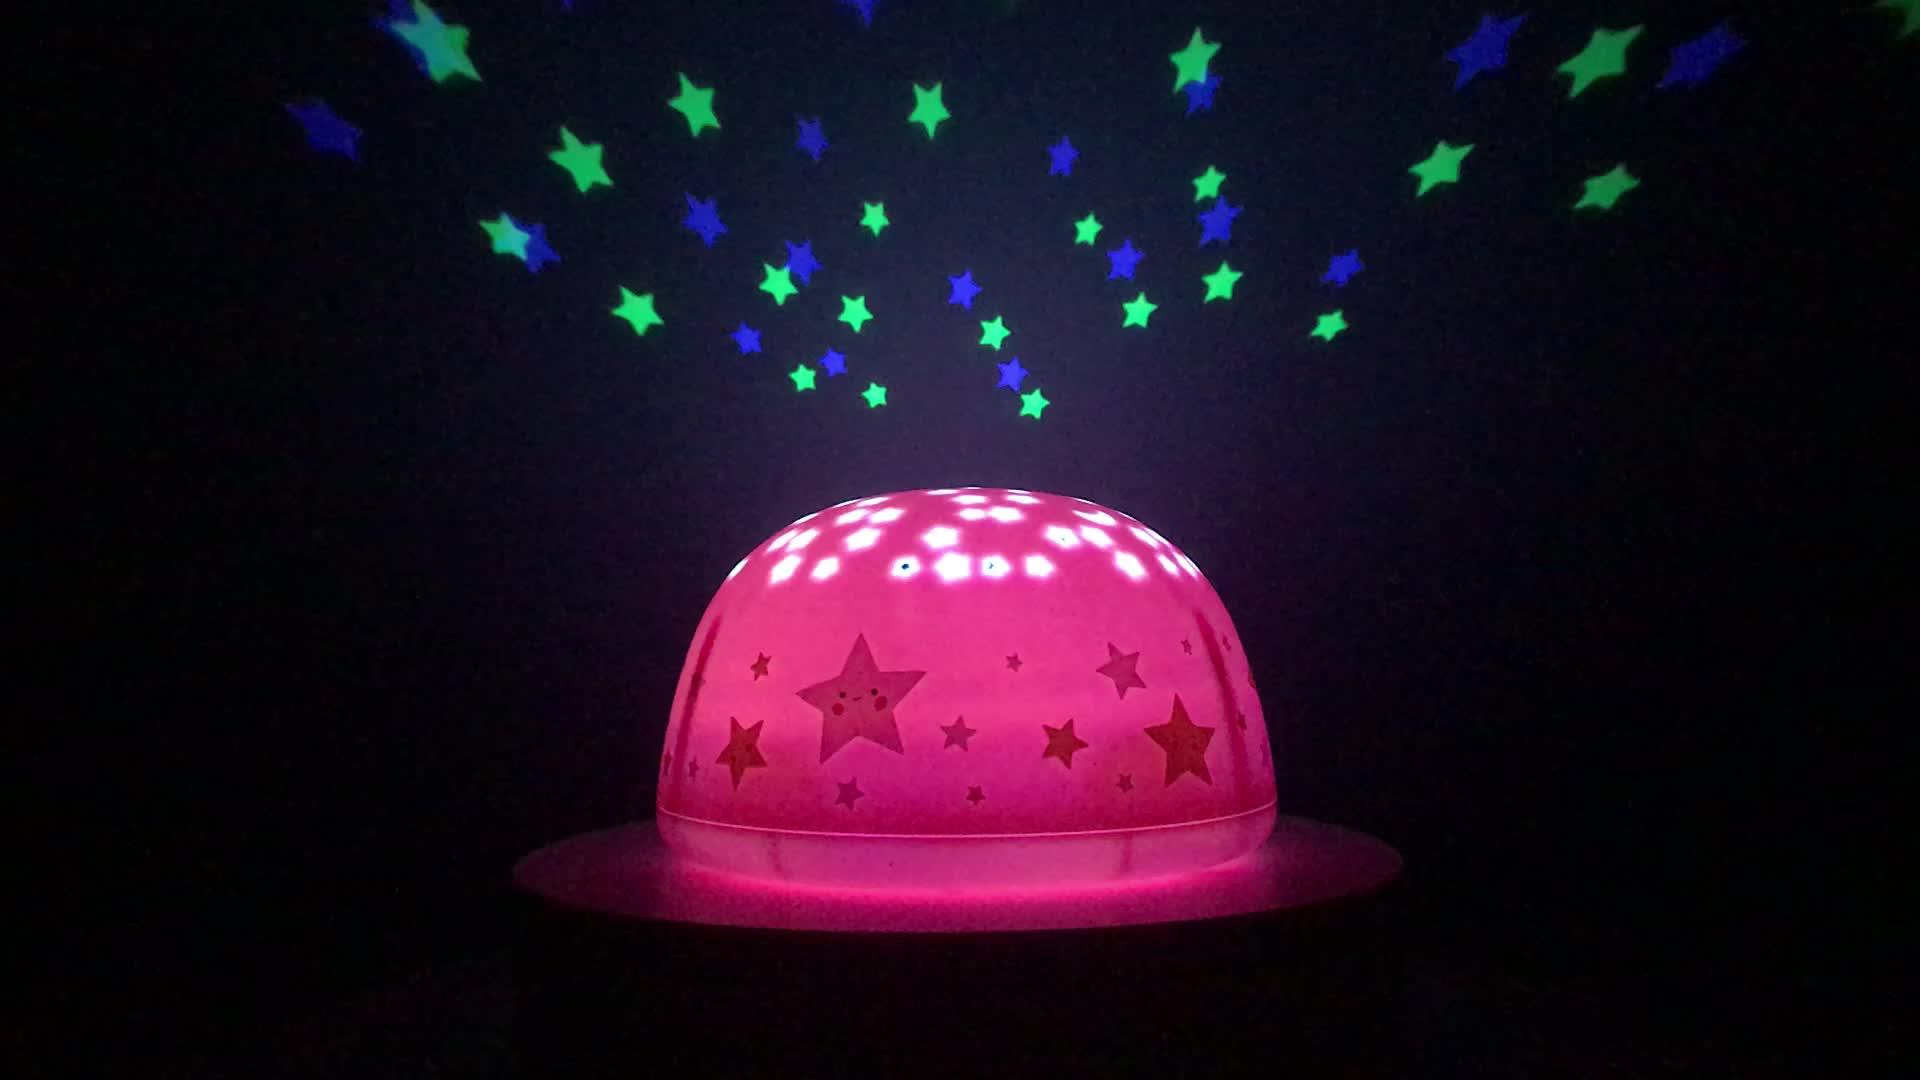 जहाज के लिए तैयार SomeShine गुलाबी स्टार संगीत बच्चे रात को प्रकाश स्टार प्रोजेक्टर